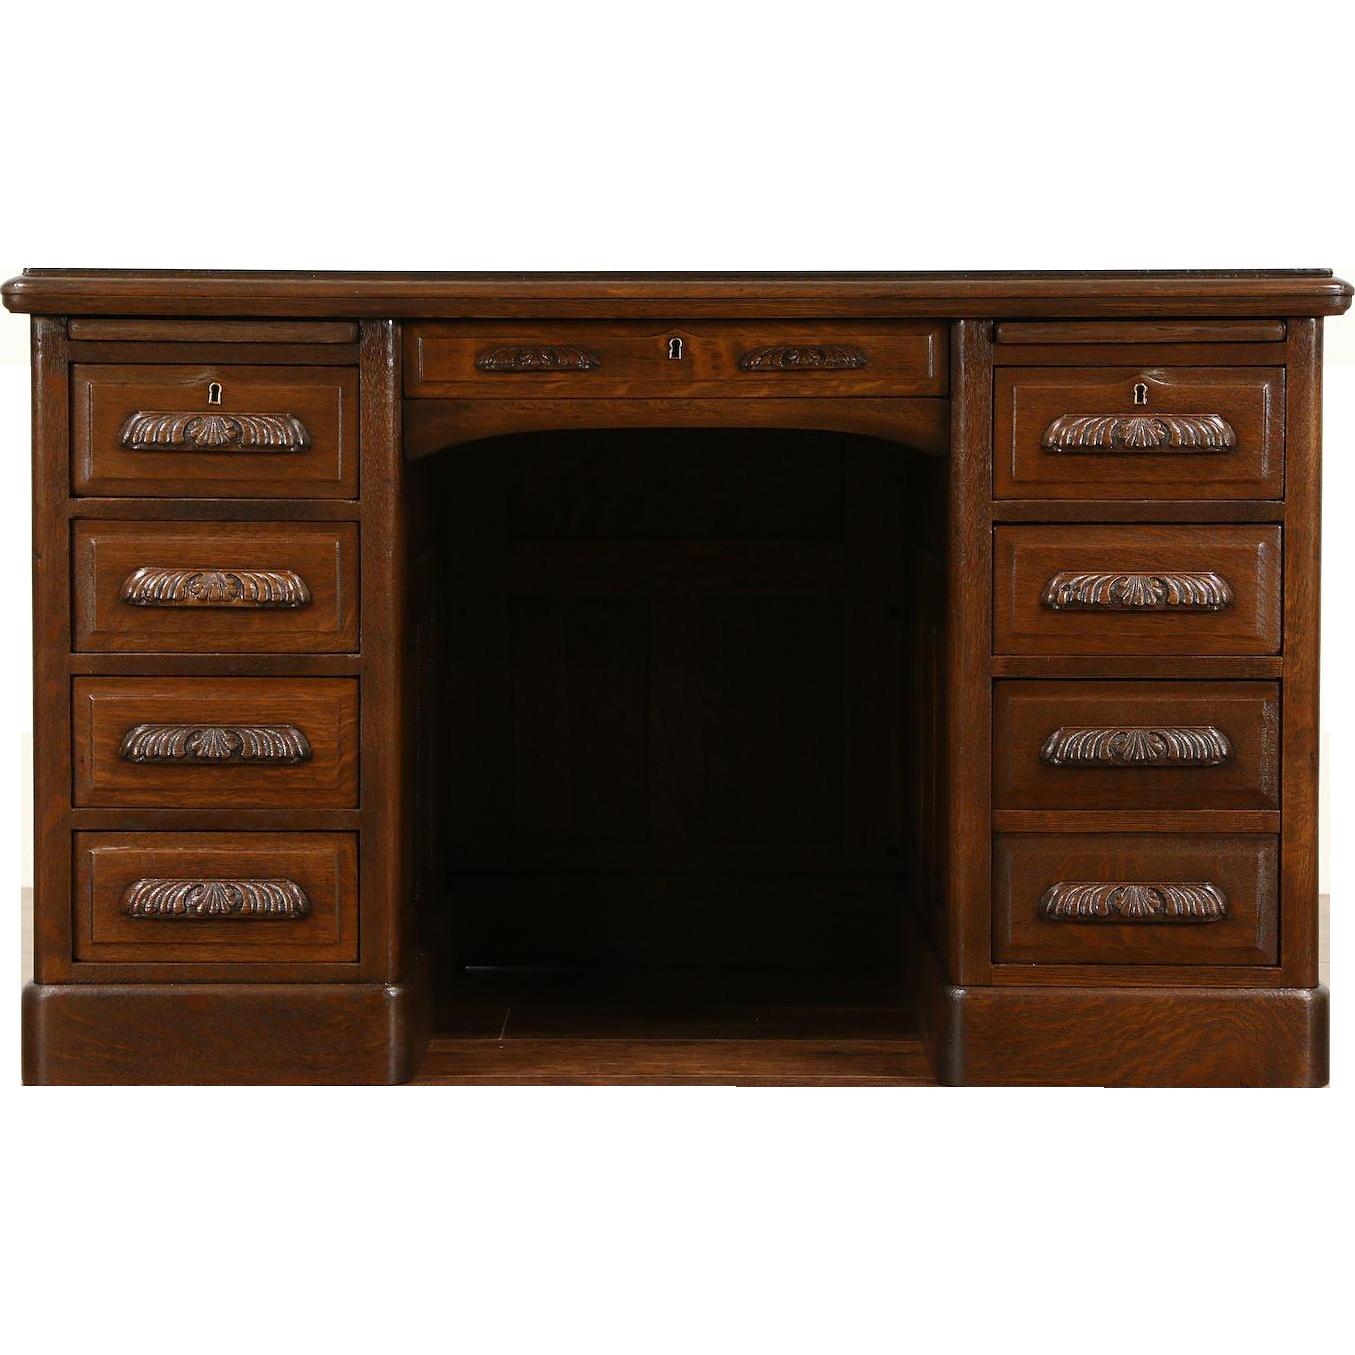 Oak Quarter Sawn 1900 Antique Desk, Carved Pulls, Raised Panels